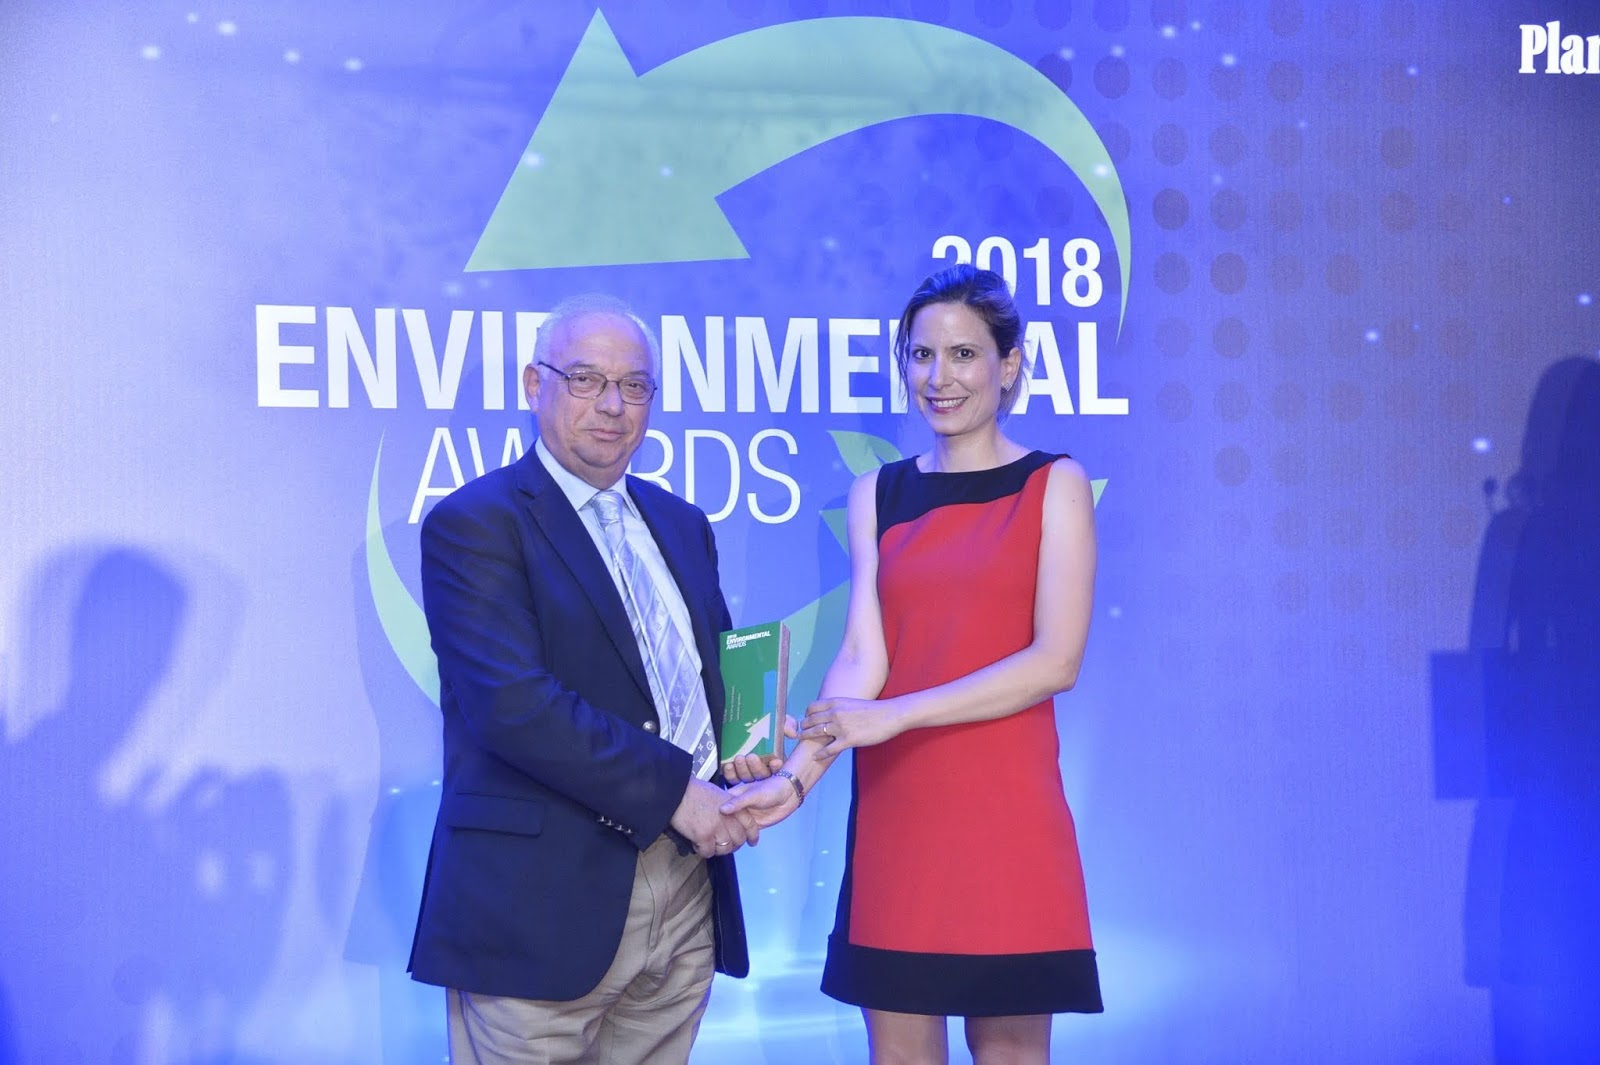 Τρία περιβαλλοντικά βραβεία για το Πόρτο Καρράς στα Environmental Awards 2018!